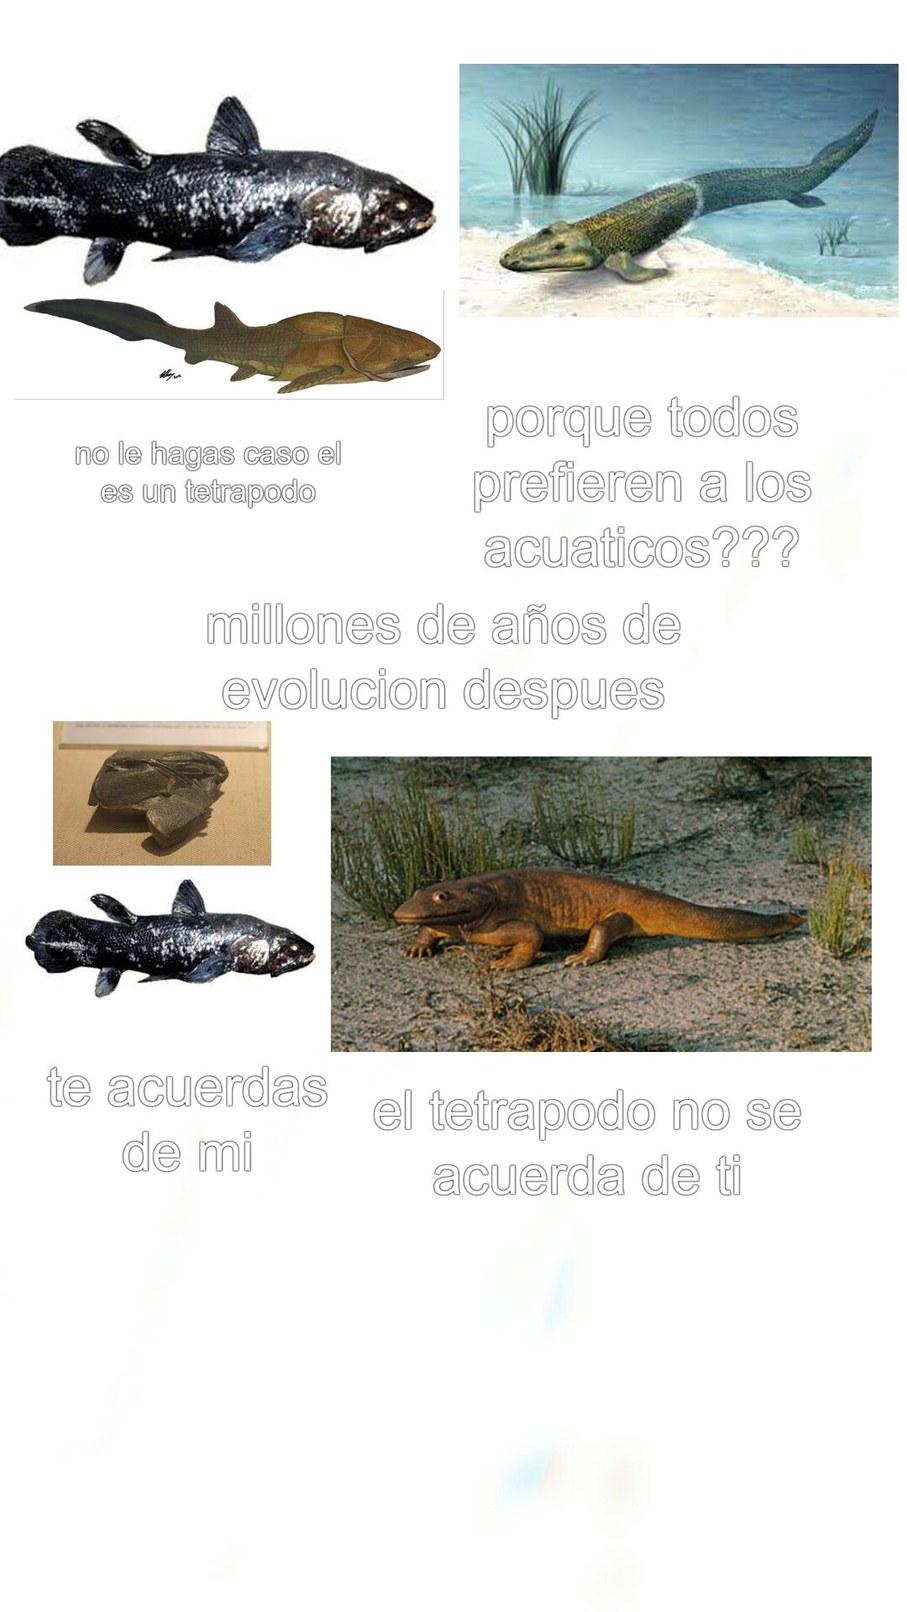 momos biologia - meme